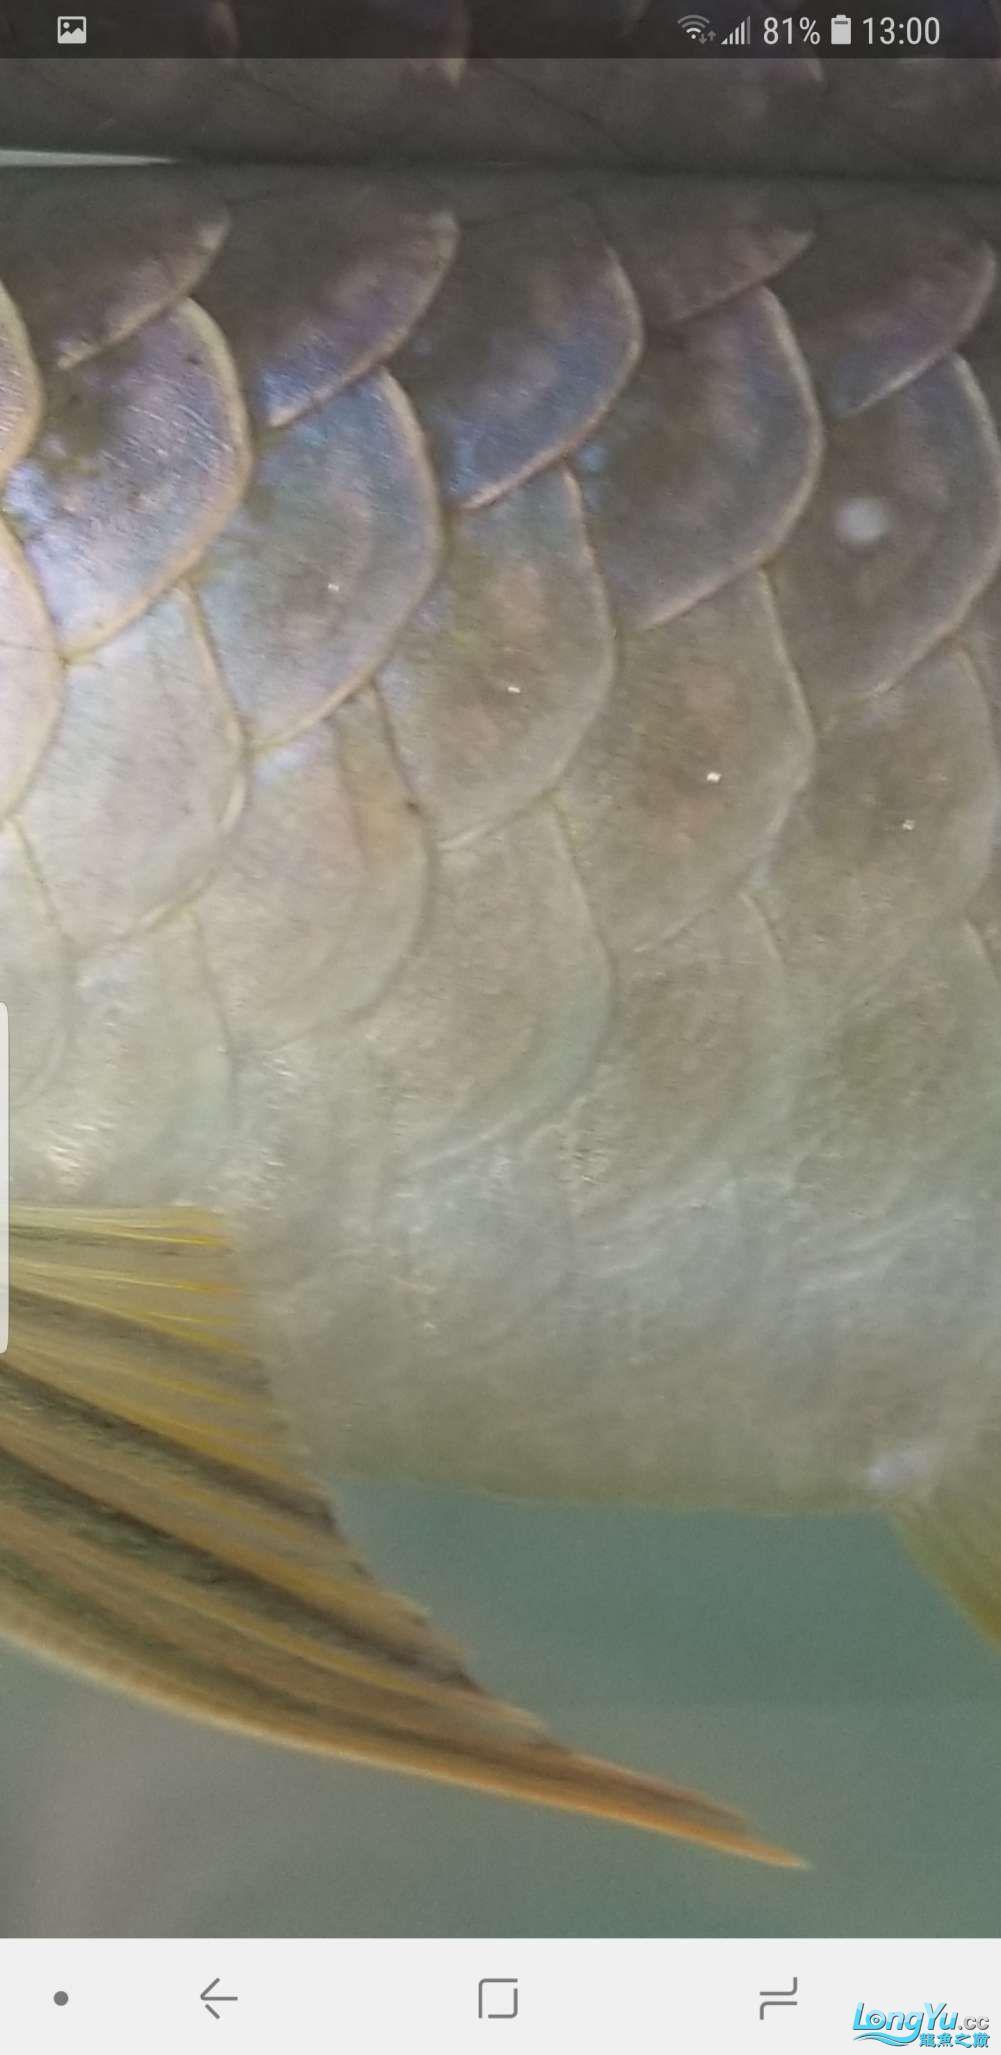 请各位大西安皇冠黑白魟鱼寿命神帮我看看龙鱼身上这个是什么东东?要怎么解 西安龙鱼论坛 西安博特第4张